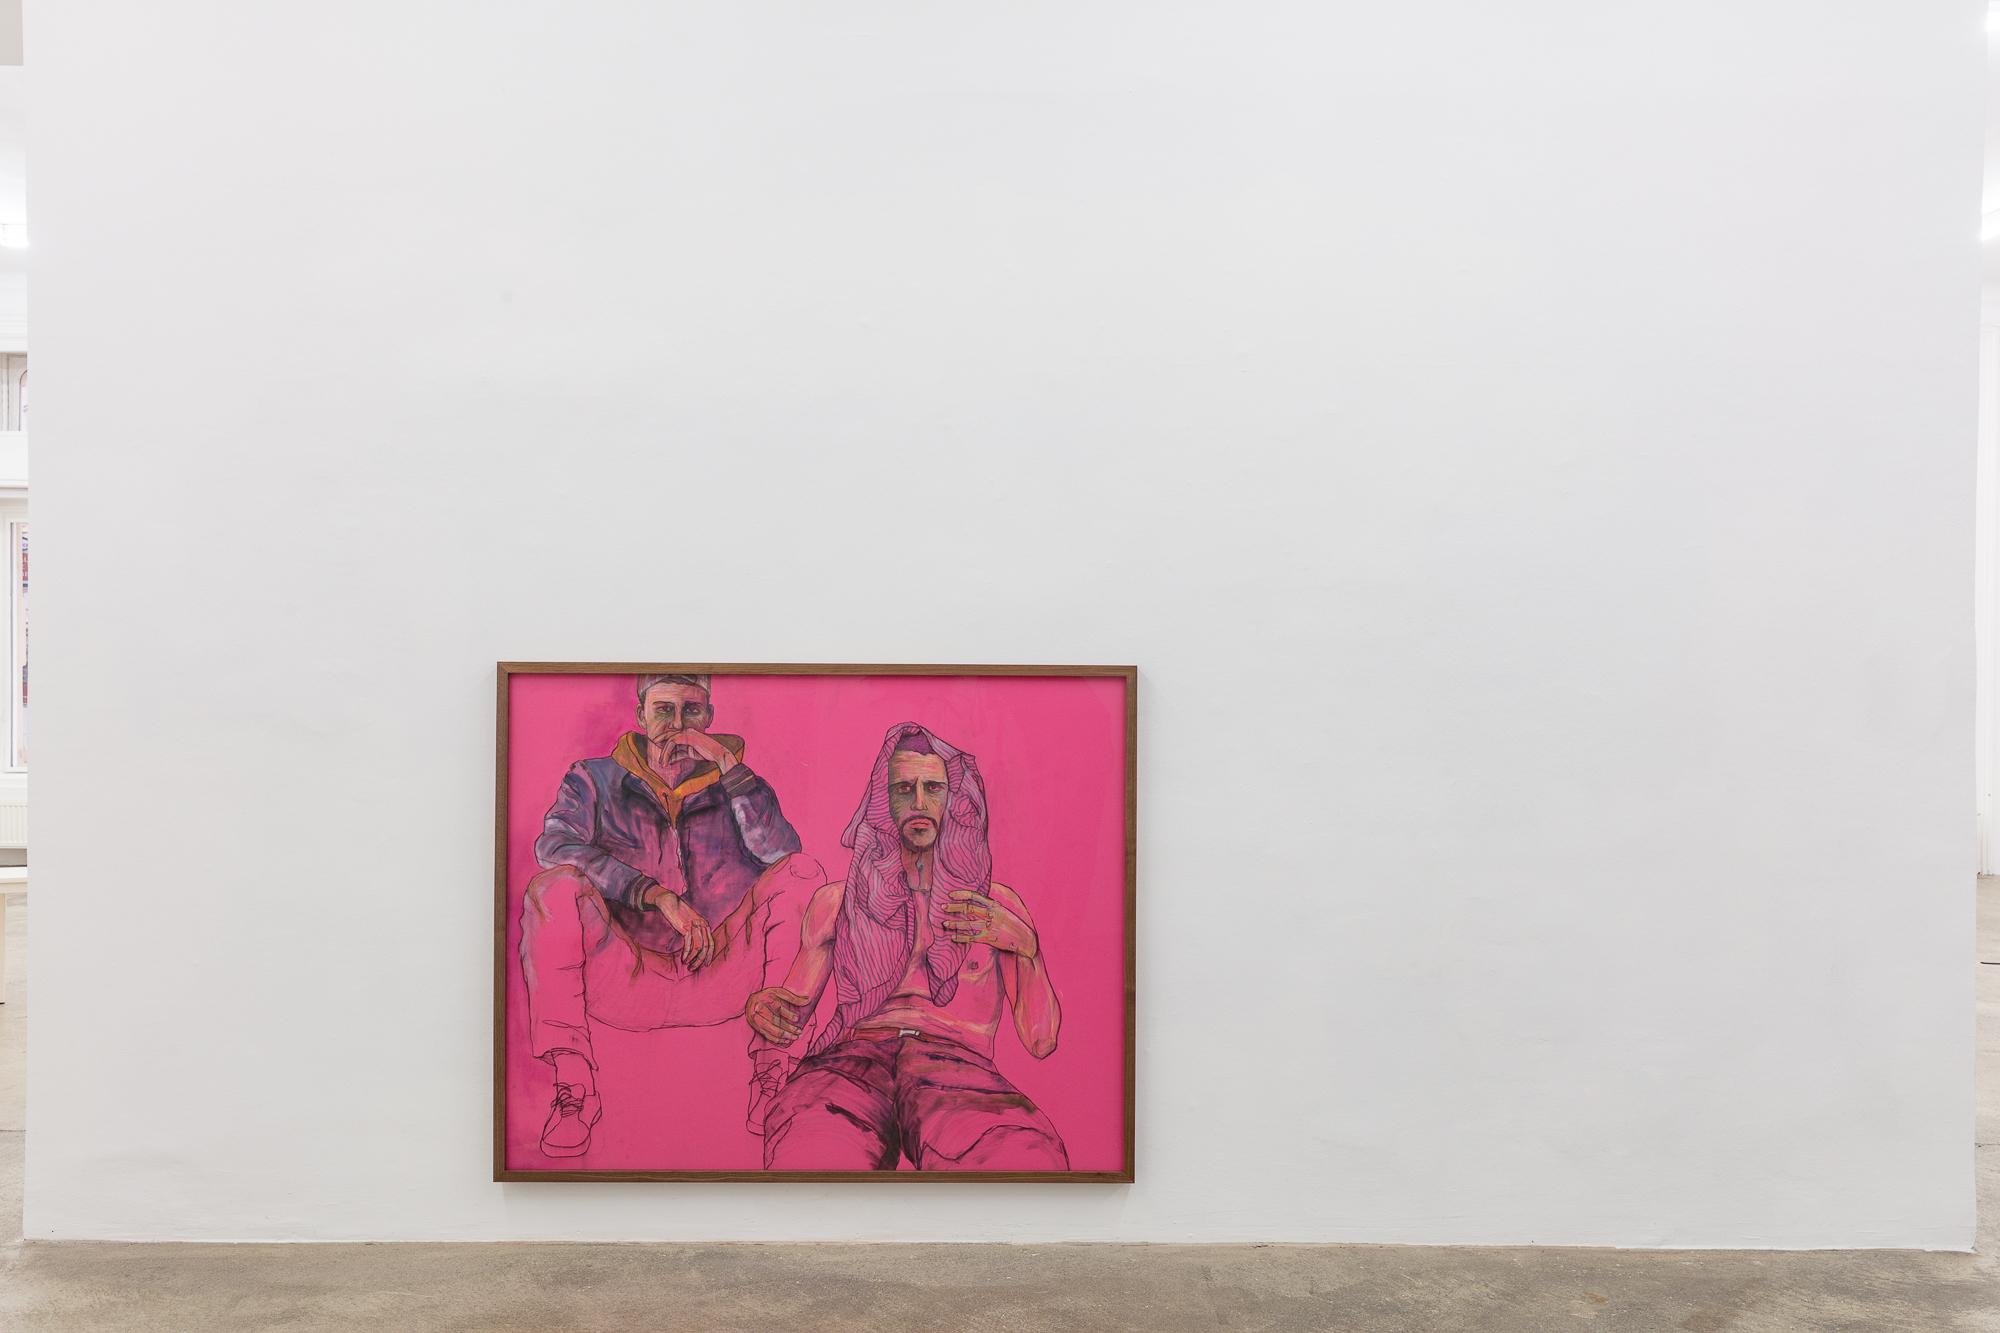 2018_11_13_Kyle Thurman_Sophie Tappeiner_by_kunst-dokumentationcom_031_web.jpg